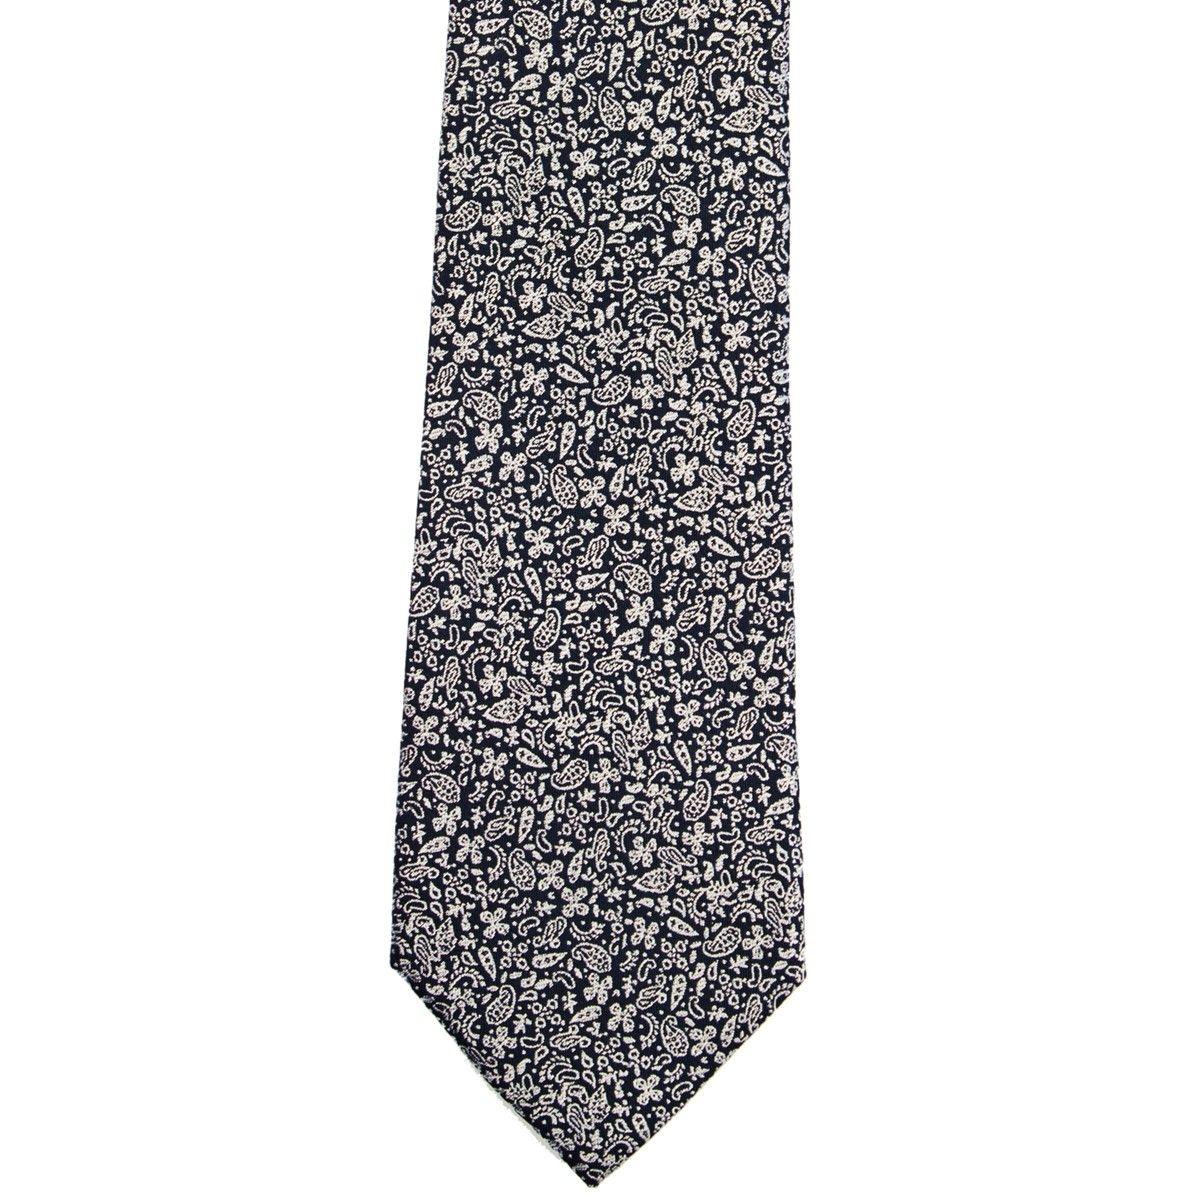 Cravate en pure soie marine à cachemire fantaisie